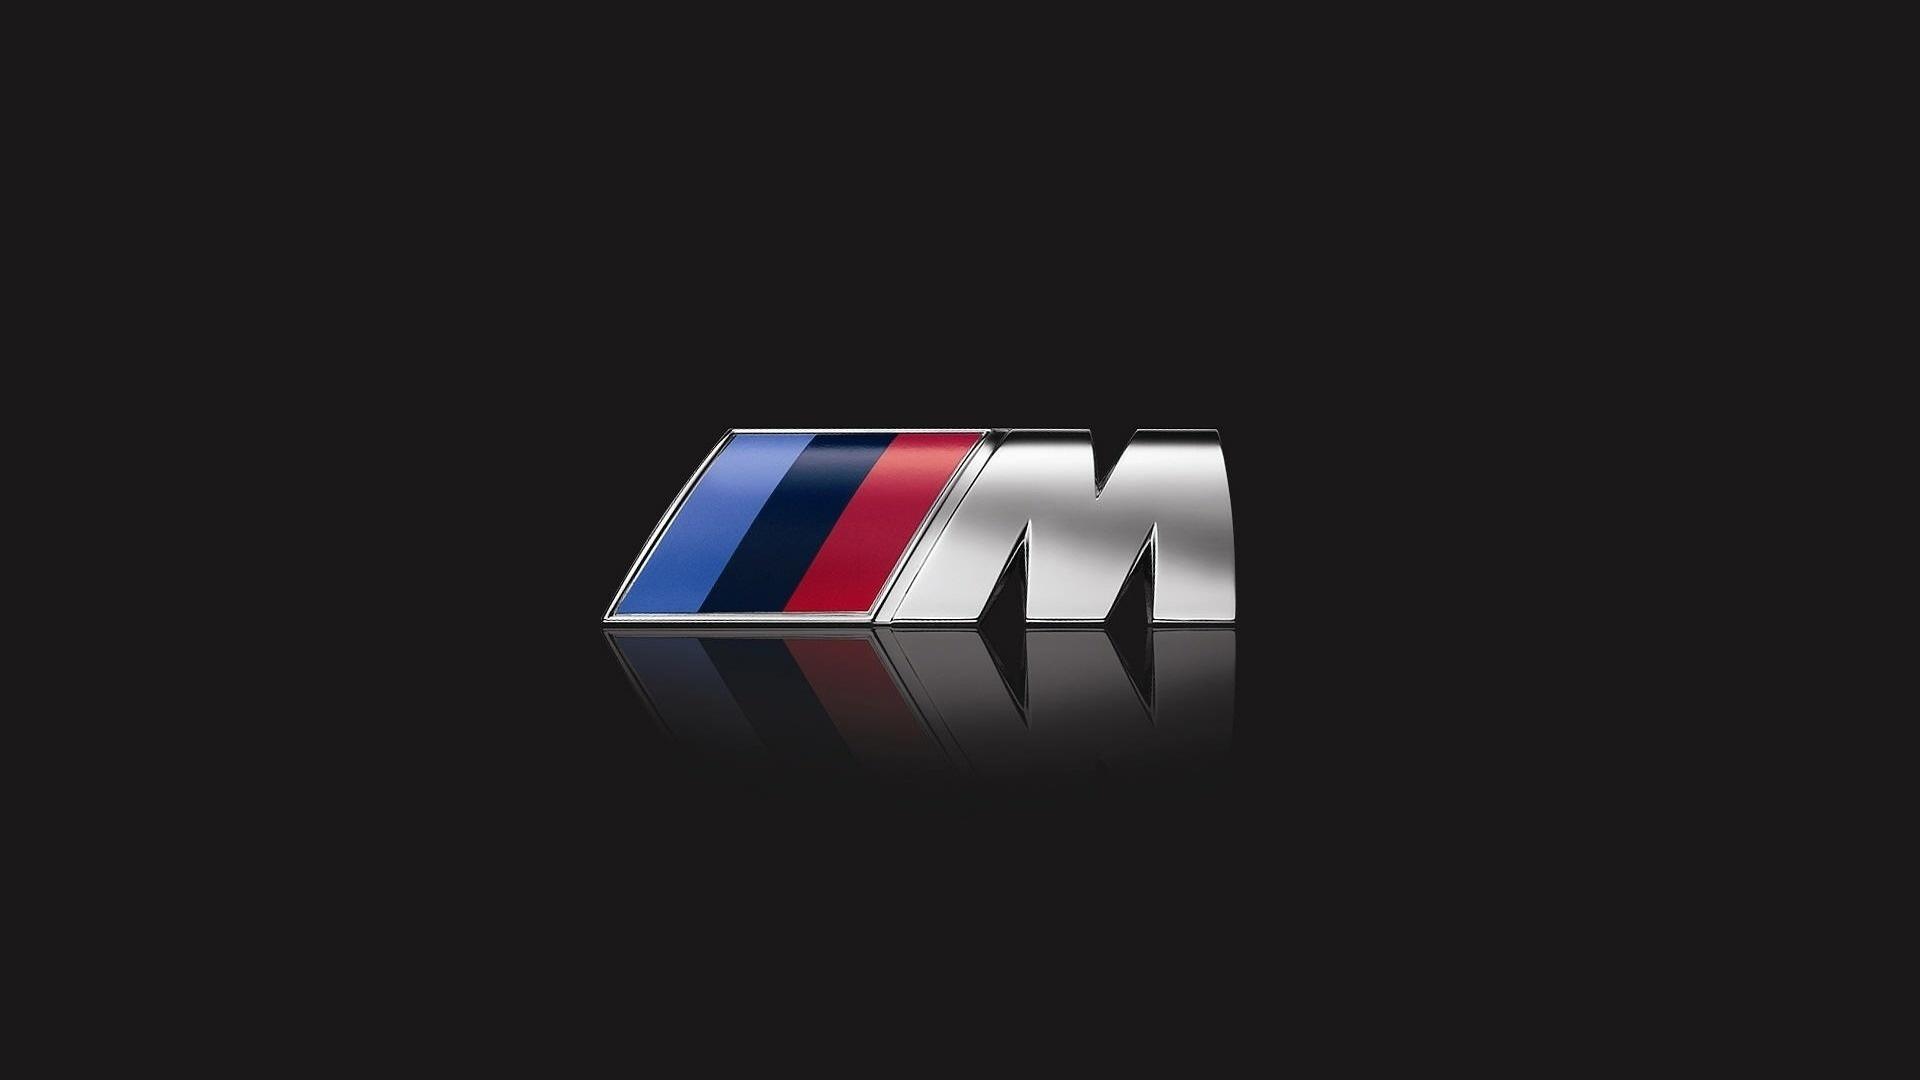 Картинки Логотип, бмв, фон, м - обои 1920x1080, картинка №8601